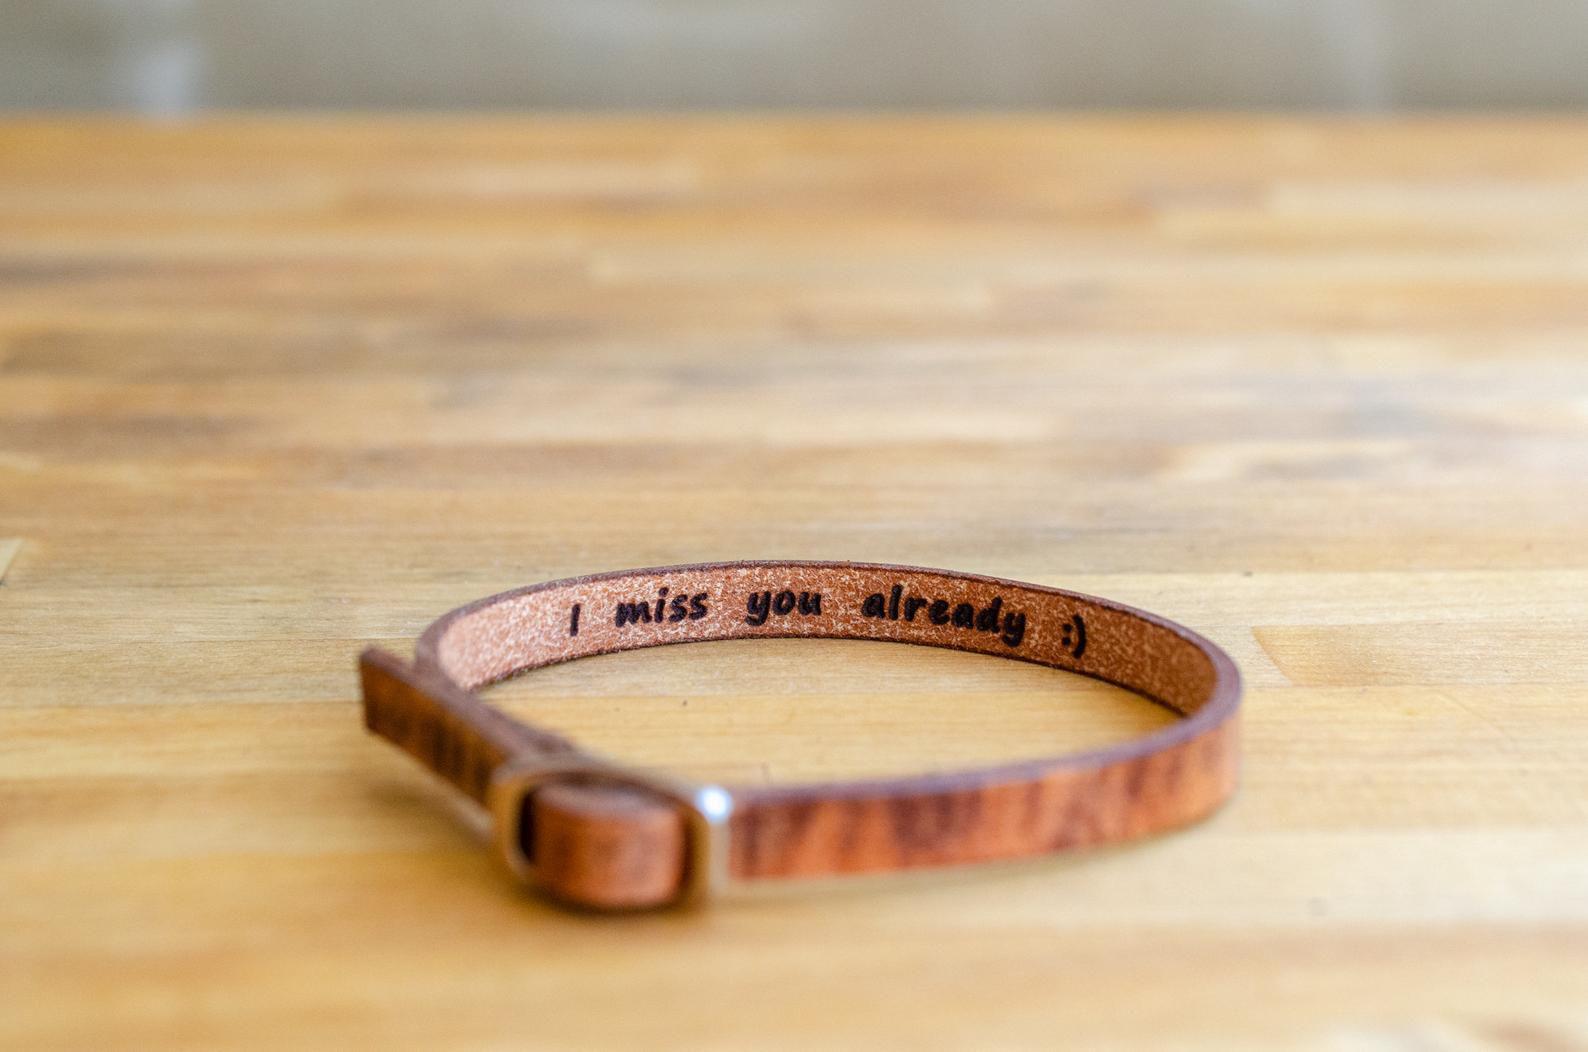 PorterandHazel Secret Message Leather Bracelet